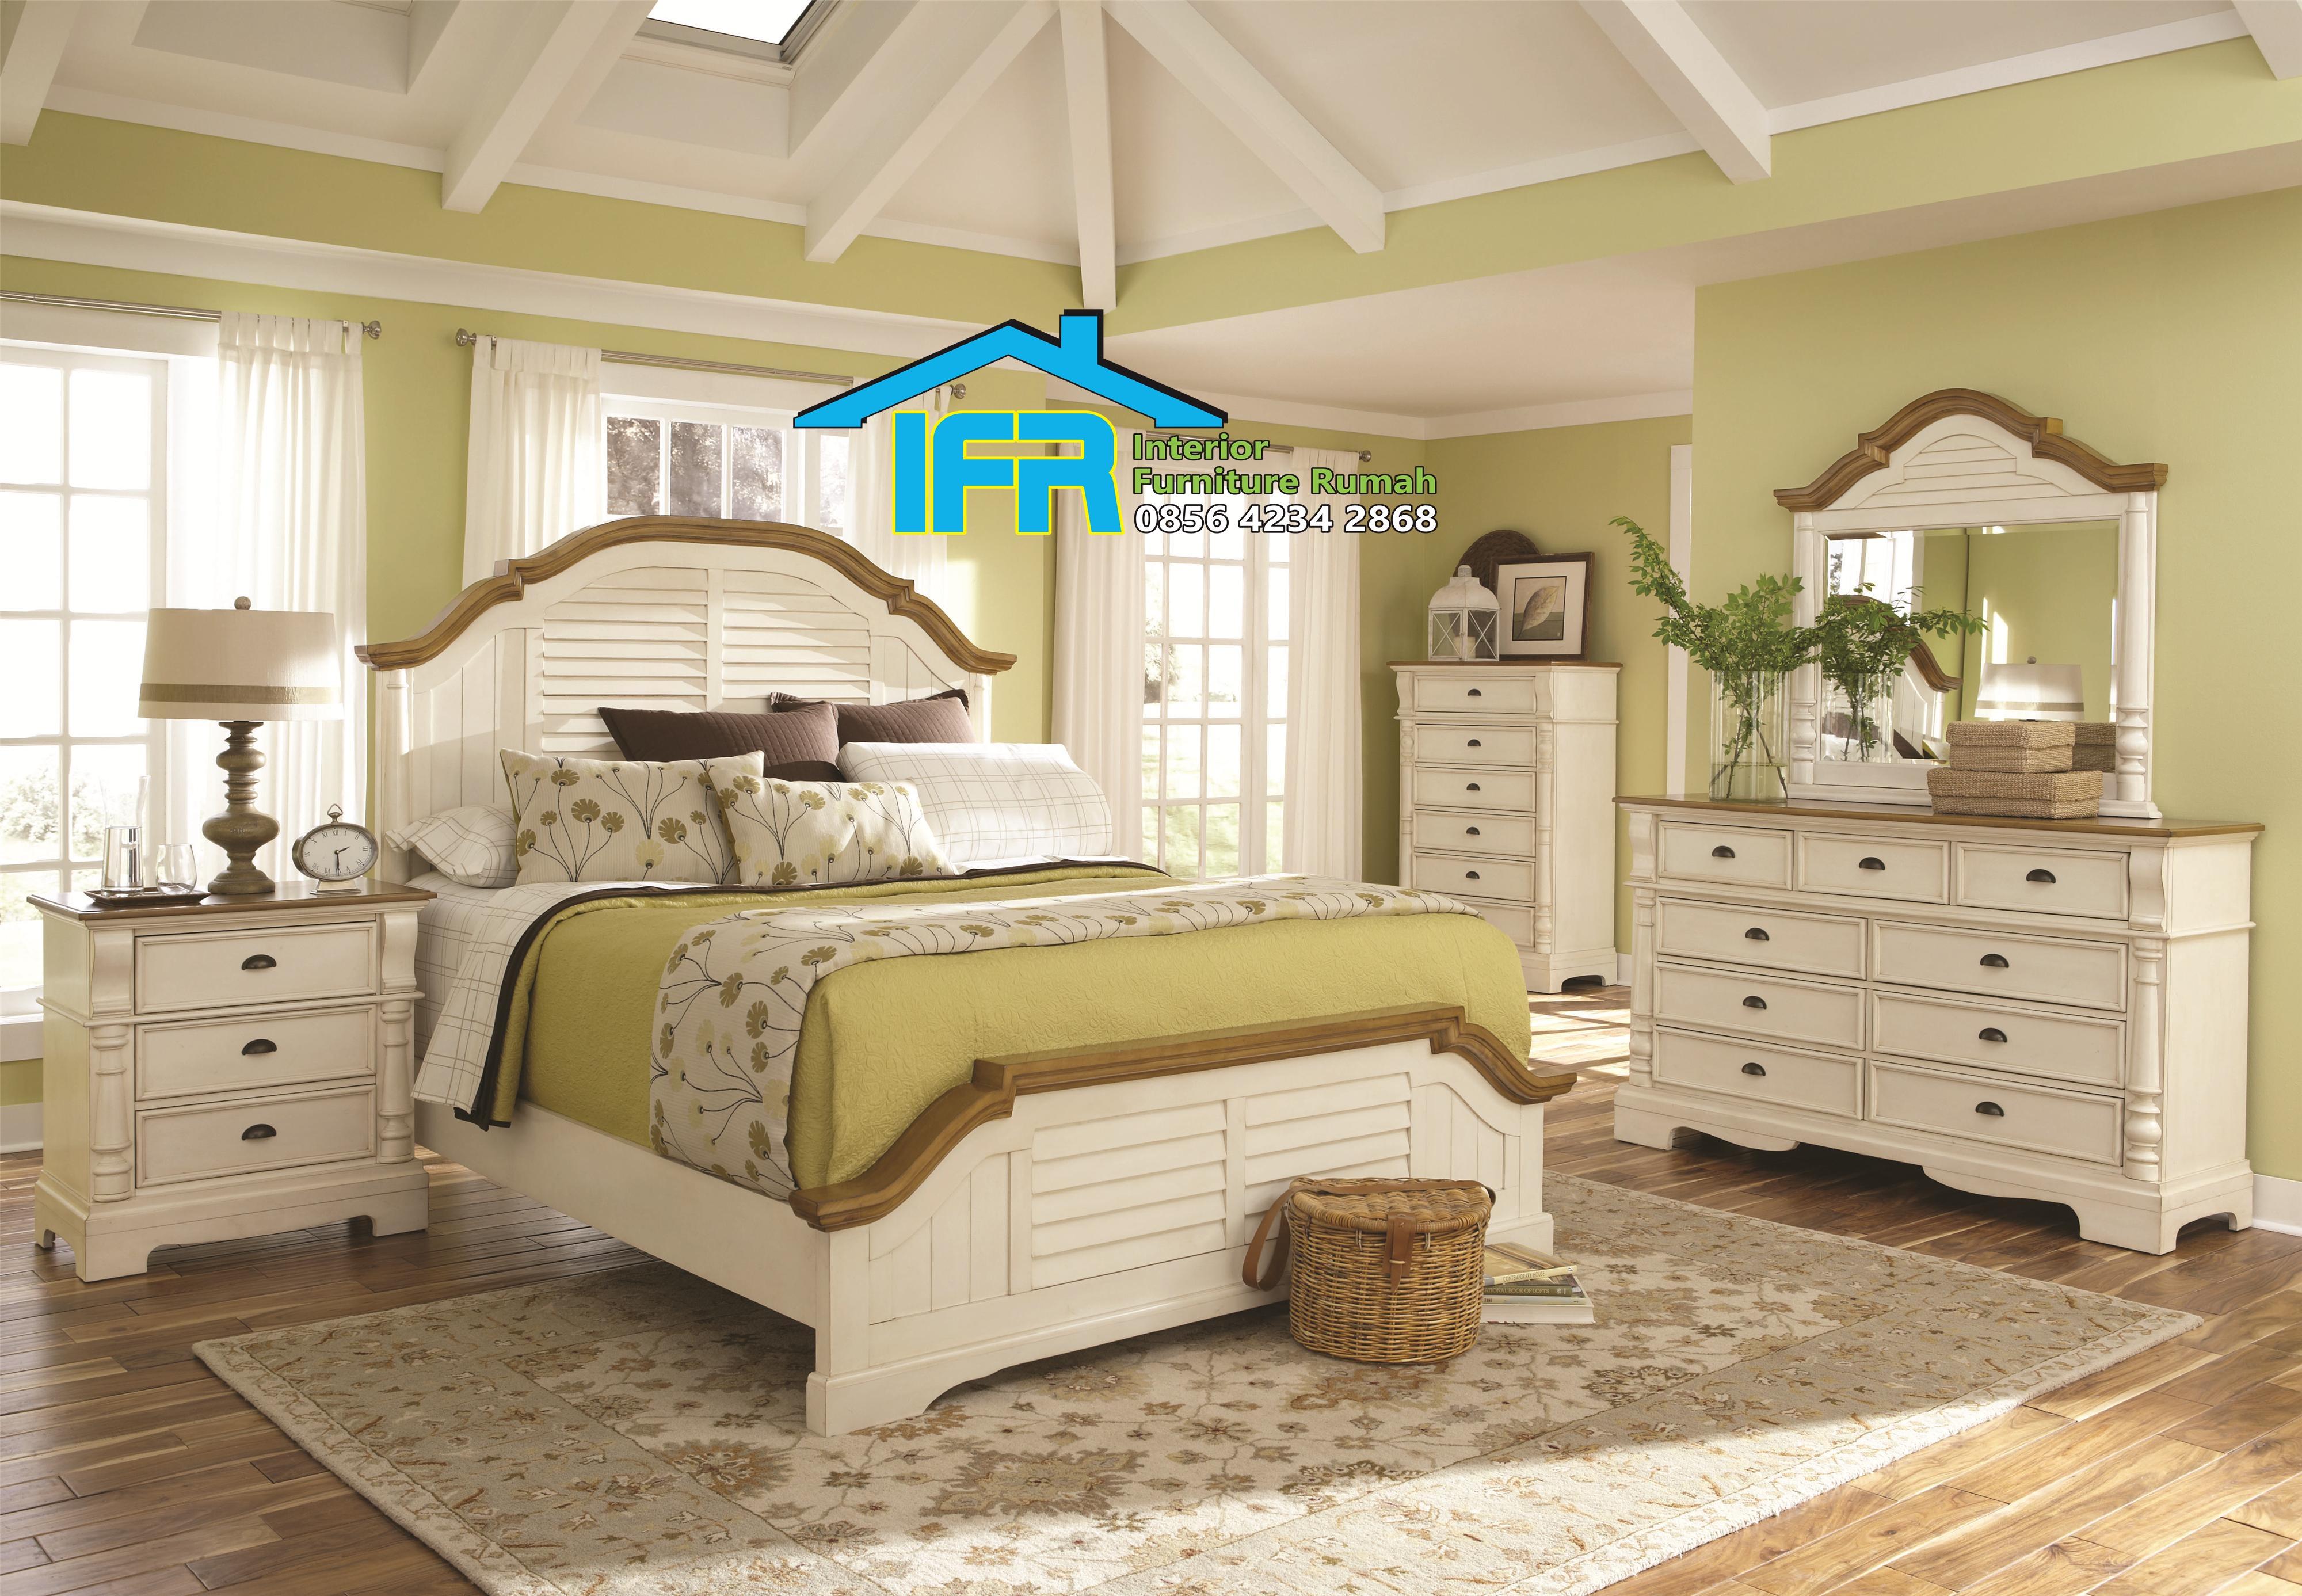 Desain Tempat Tidur Terbaru